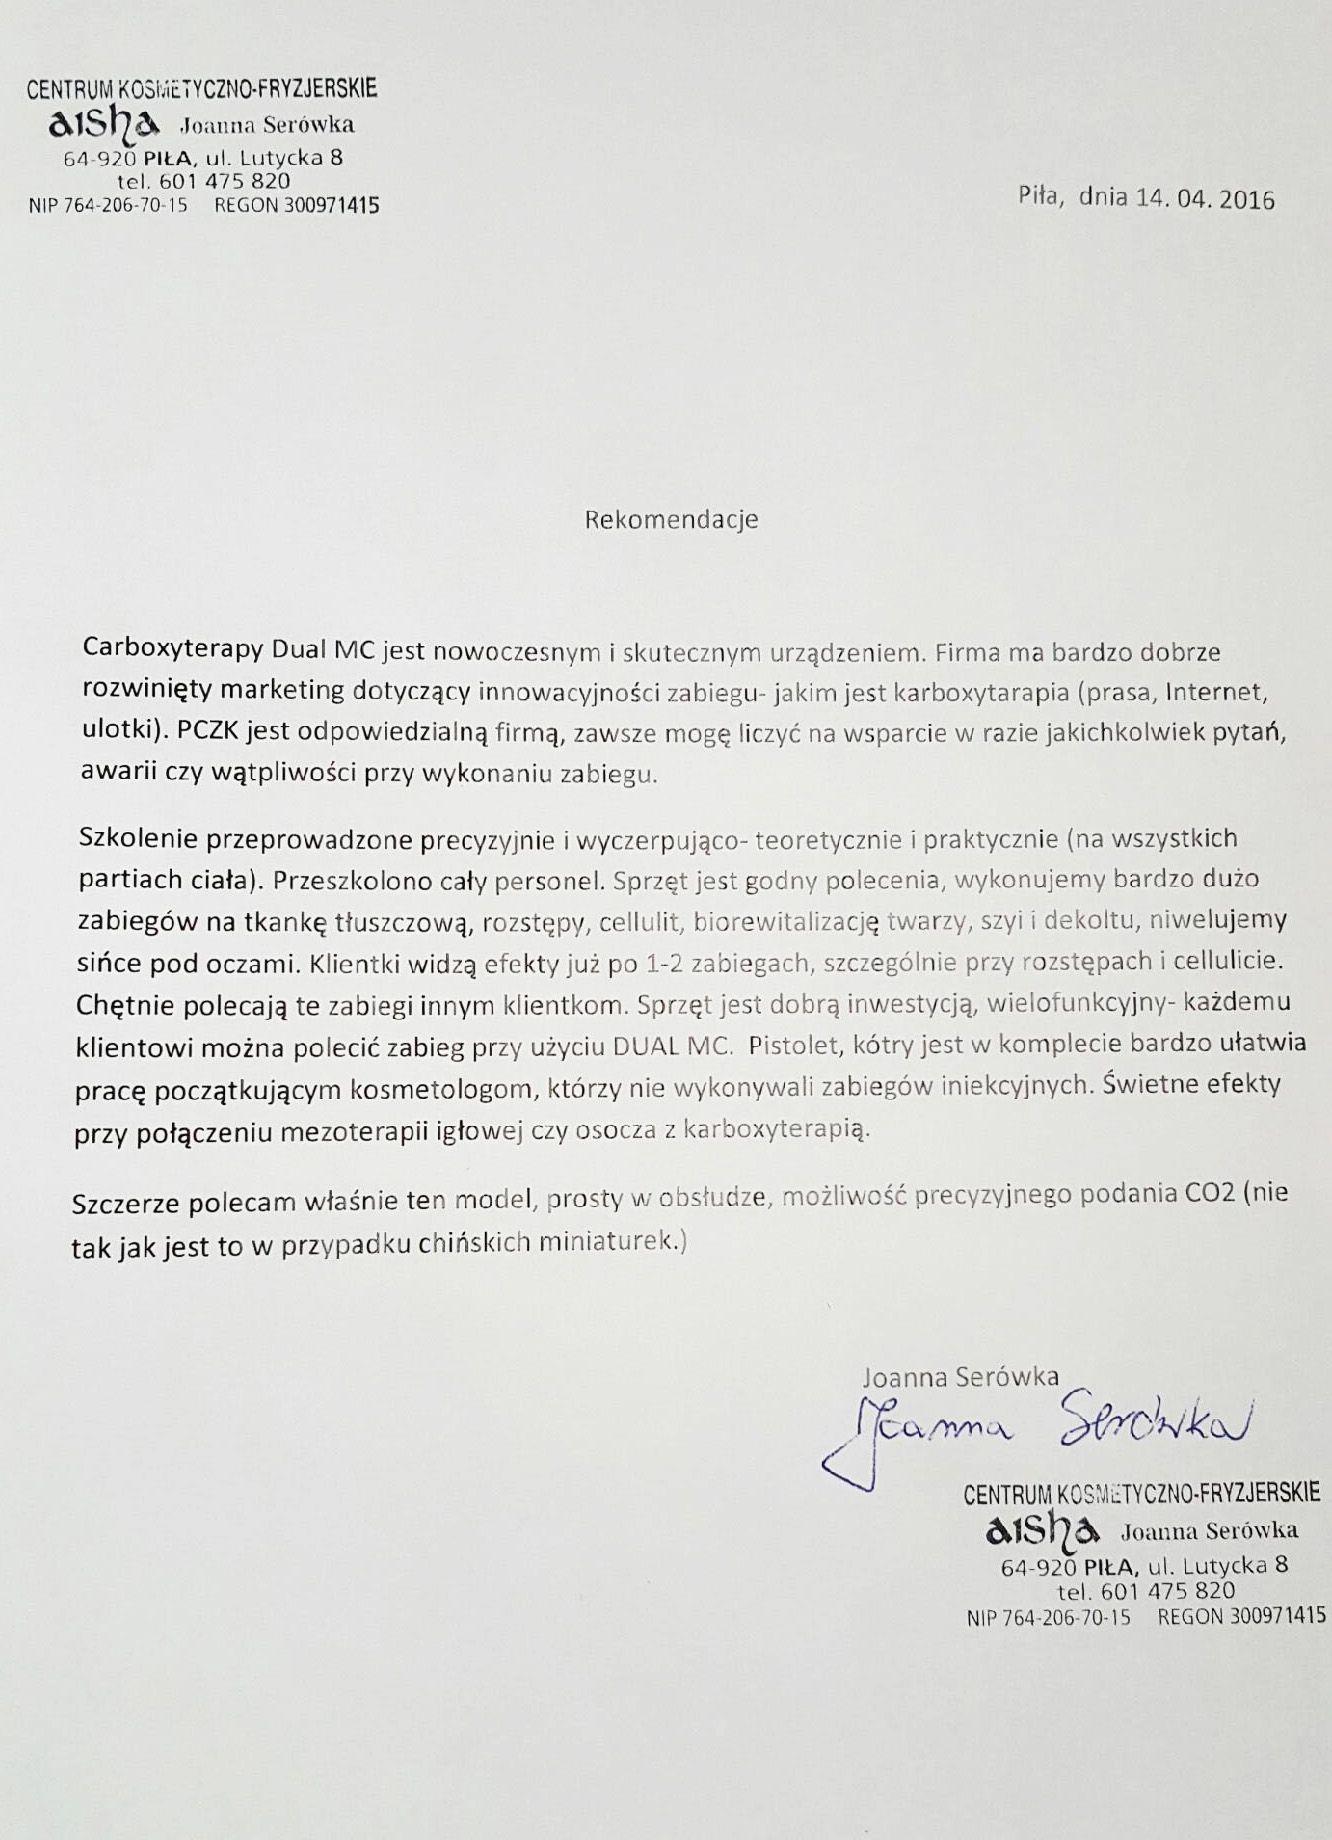 Referencje - Joanna Serówka